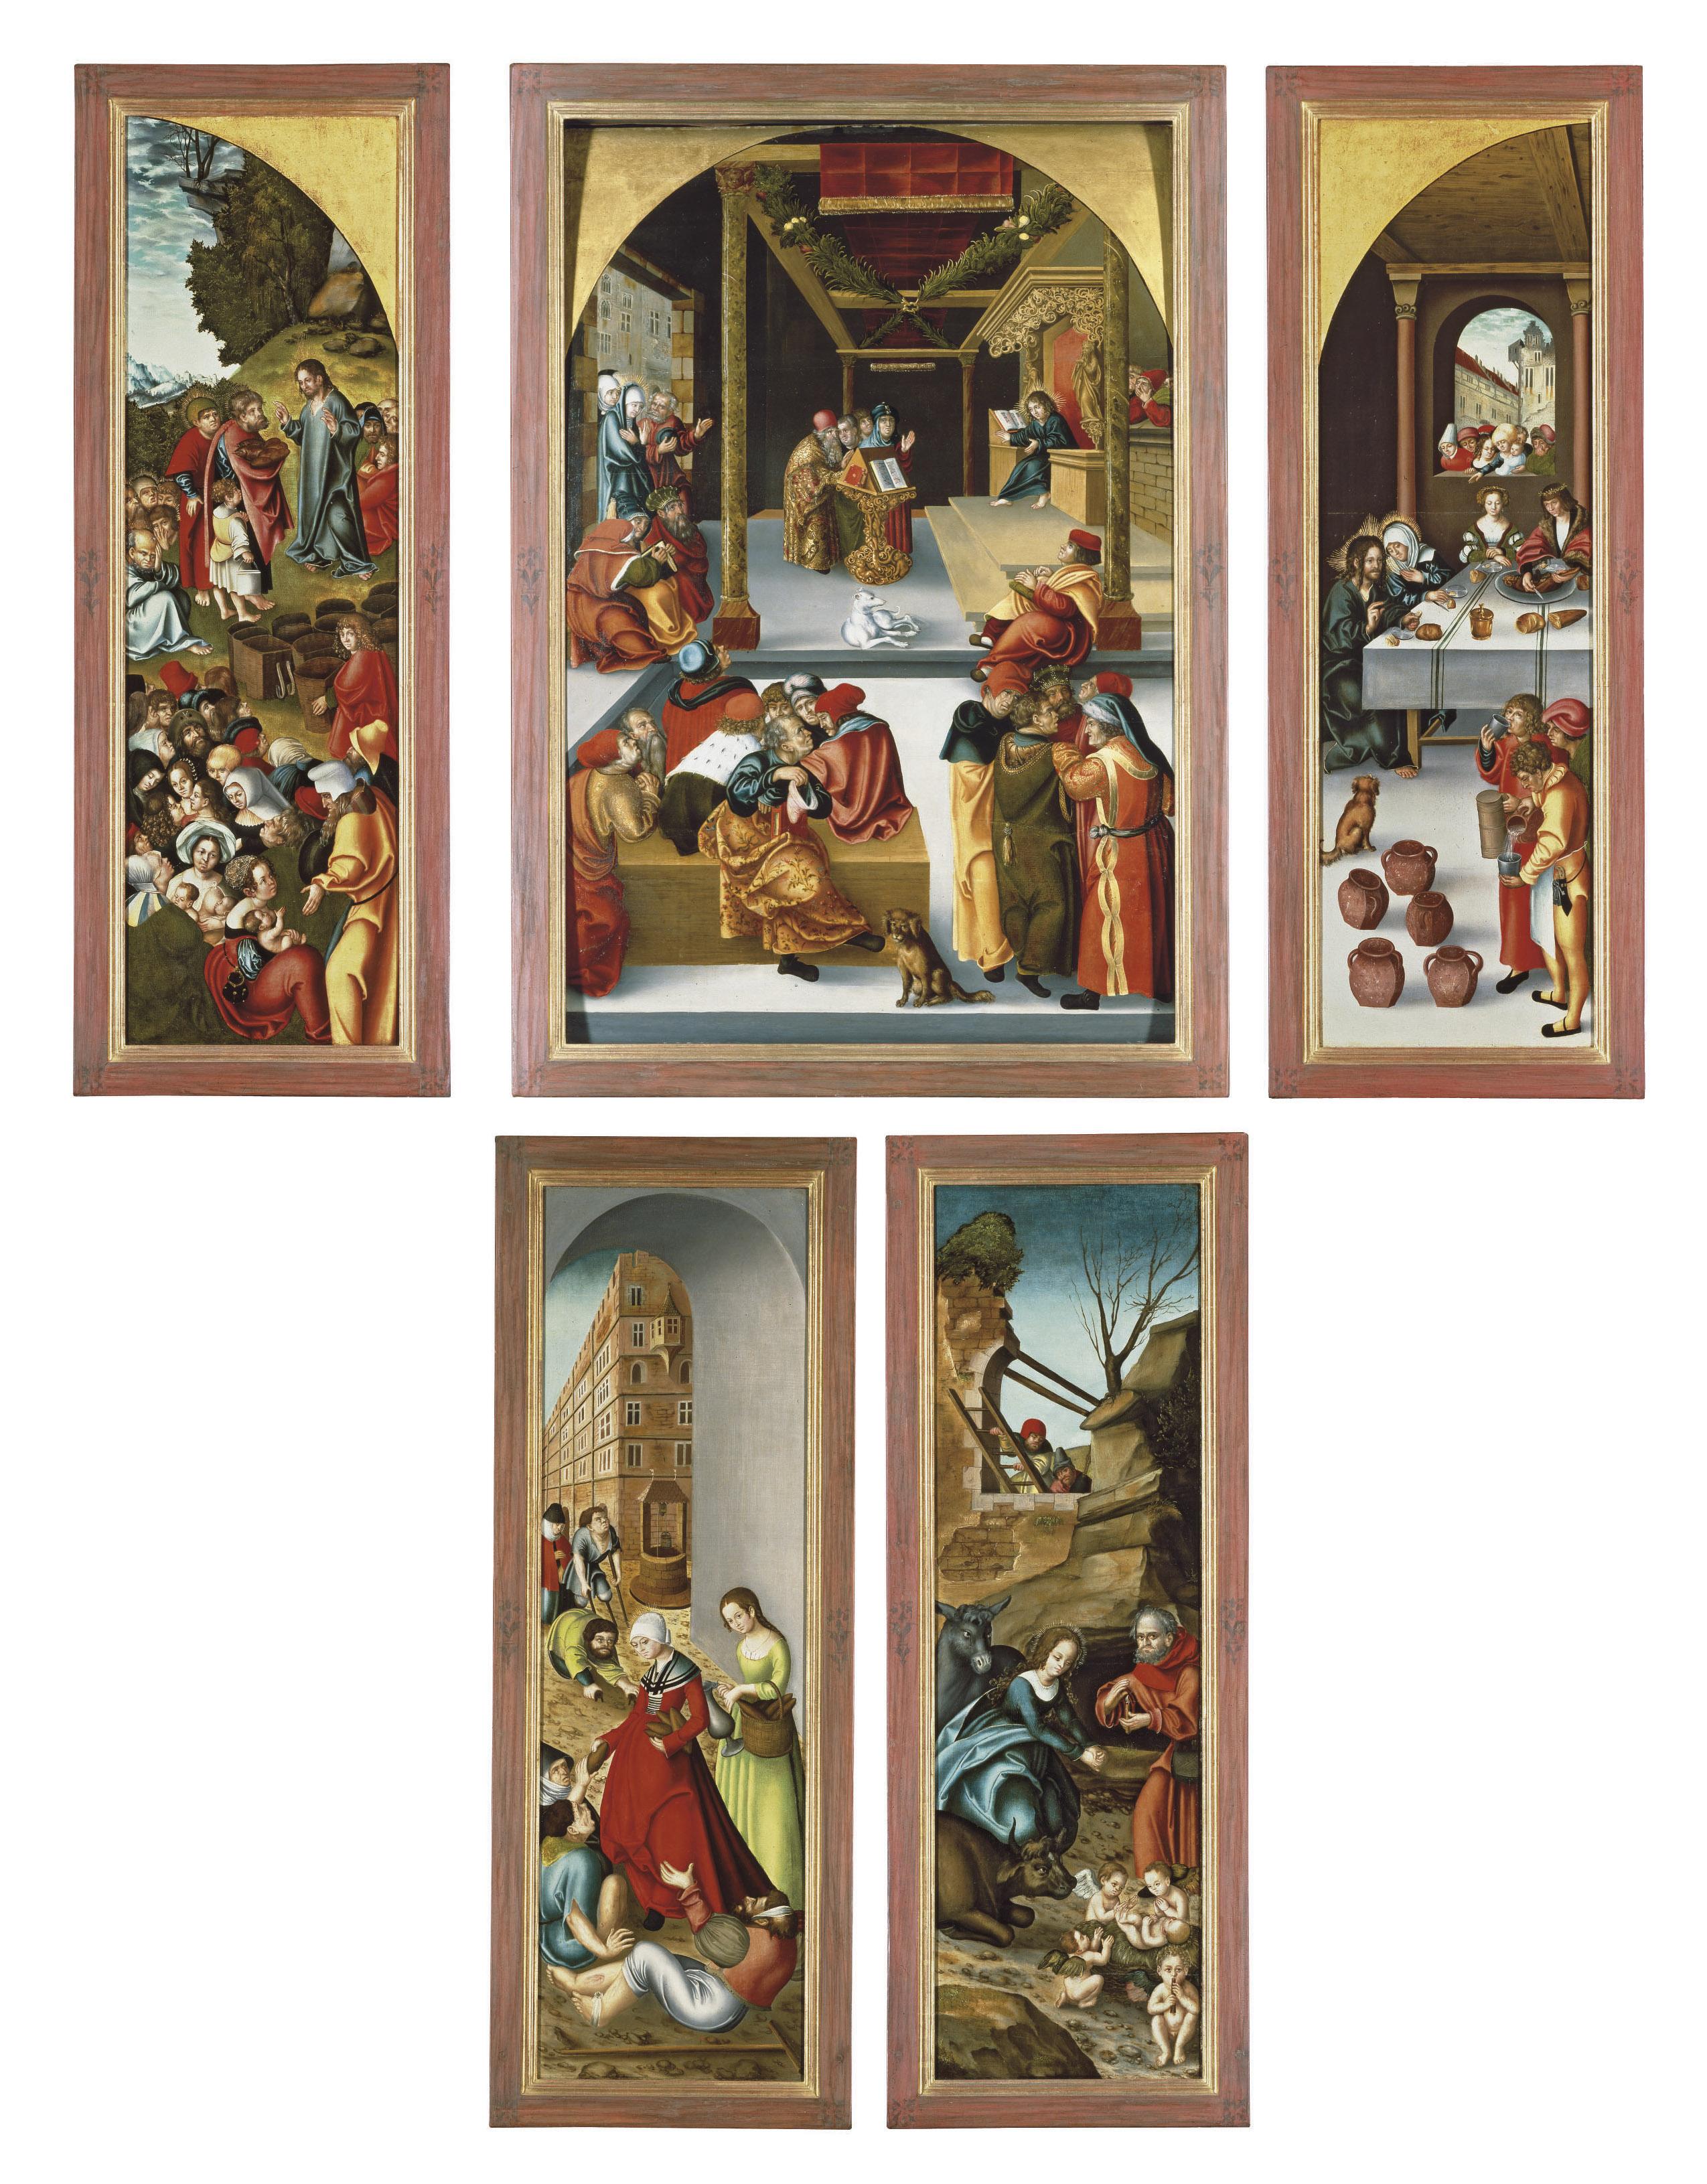 Workshop of Lucas Cranach I (Kronach 1472-1553 Weimar)